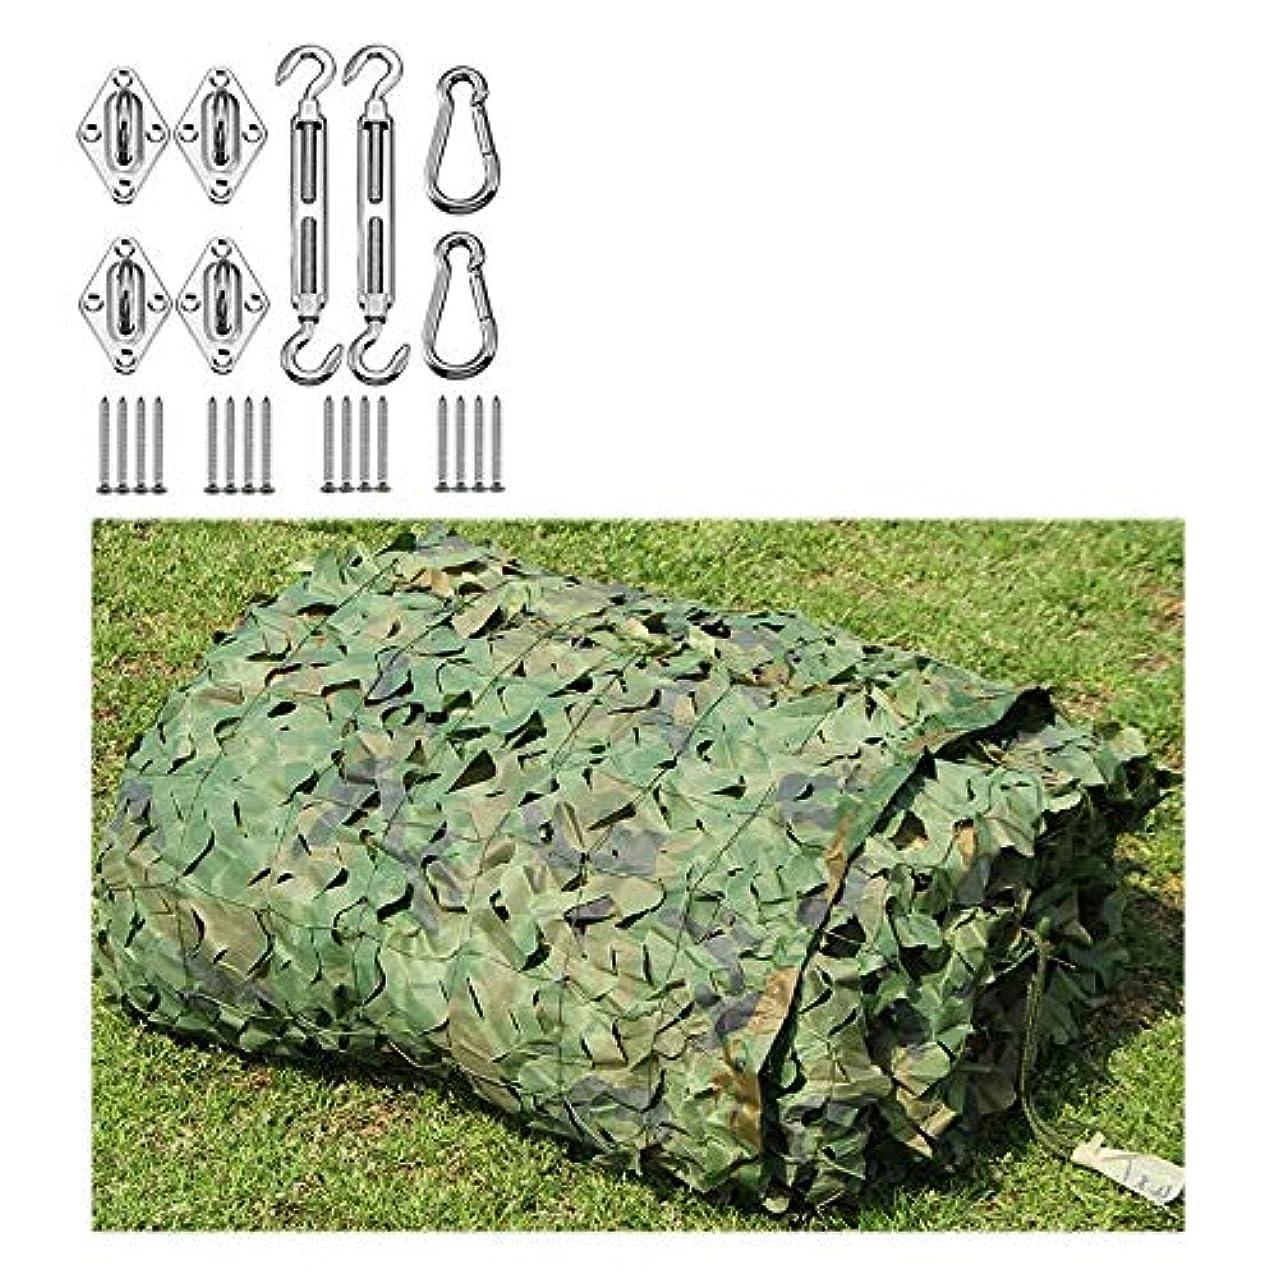 葉生き残ります割れ目ガーデンオーニングネッティングカモサンシェードセイル防水防カビ軽量UVブロックパティオデンツ隠す寝室キャンプ4x5m迷彩ネッティングキャノピー(アクセサリーを含む),3*3